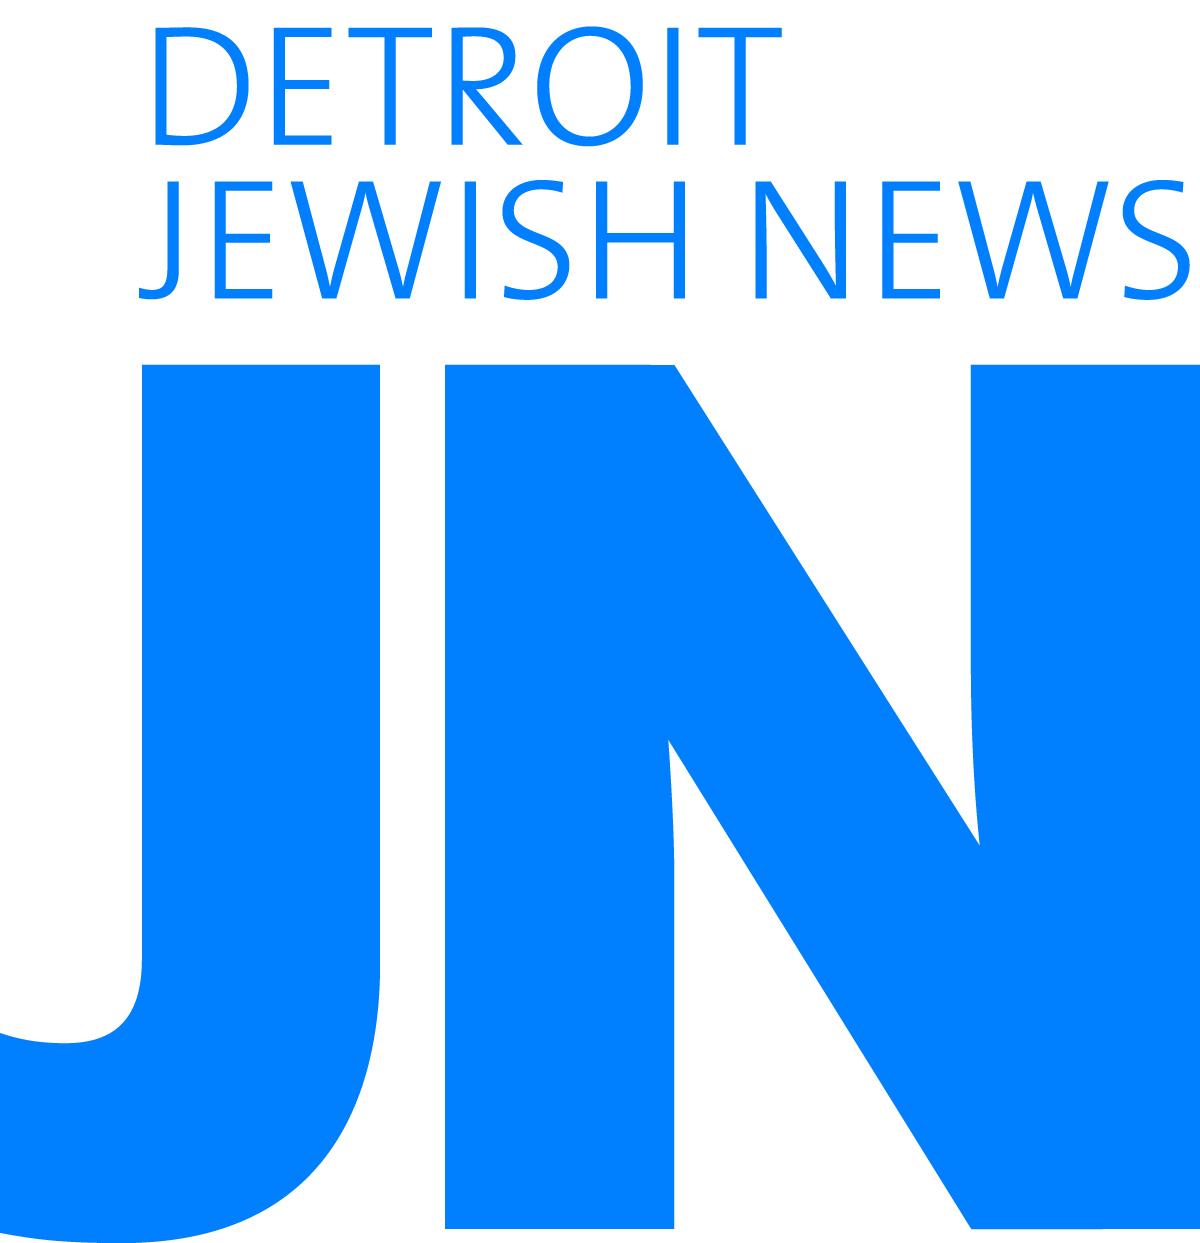 Detroit Jewish News .jpg